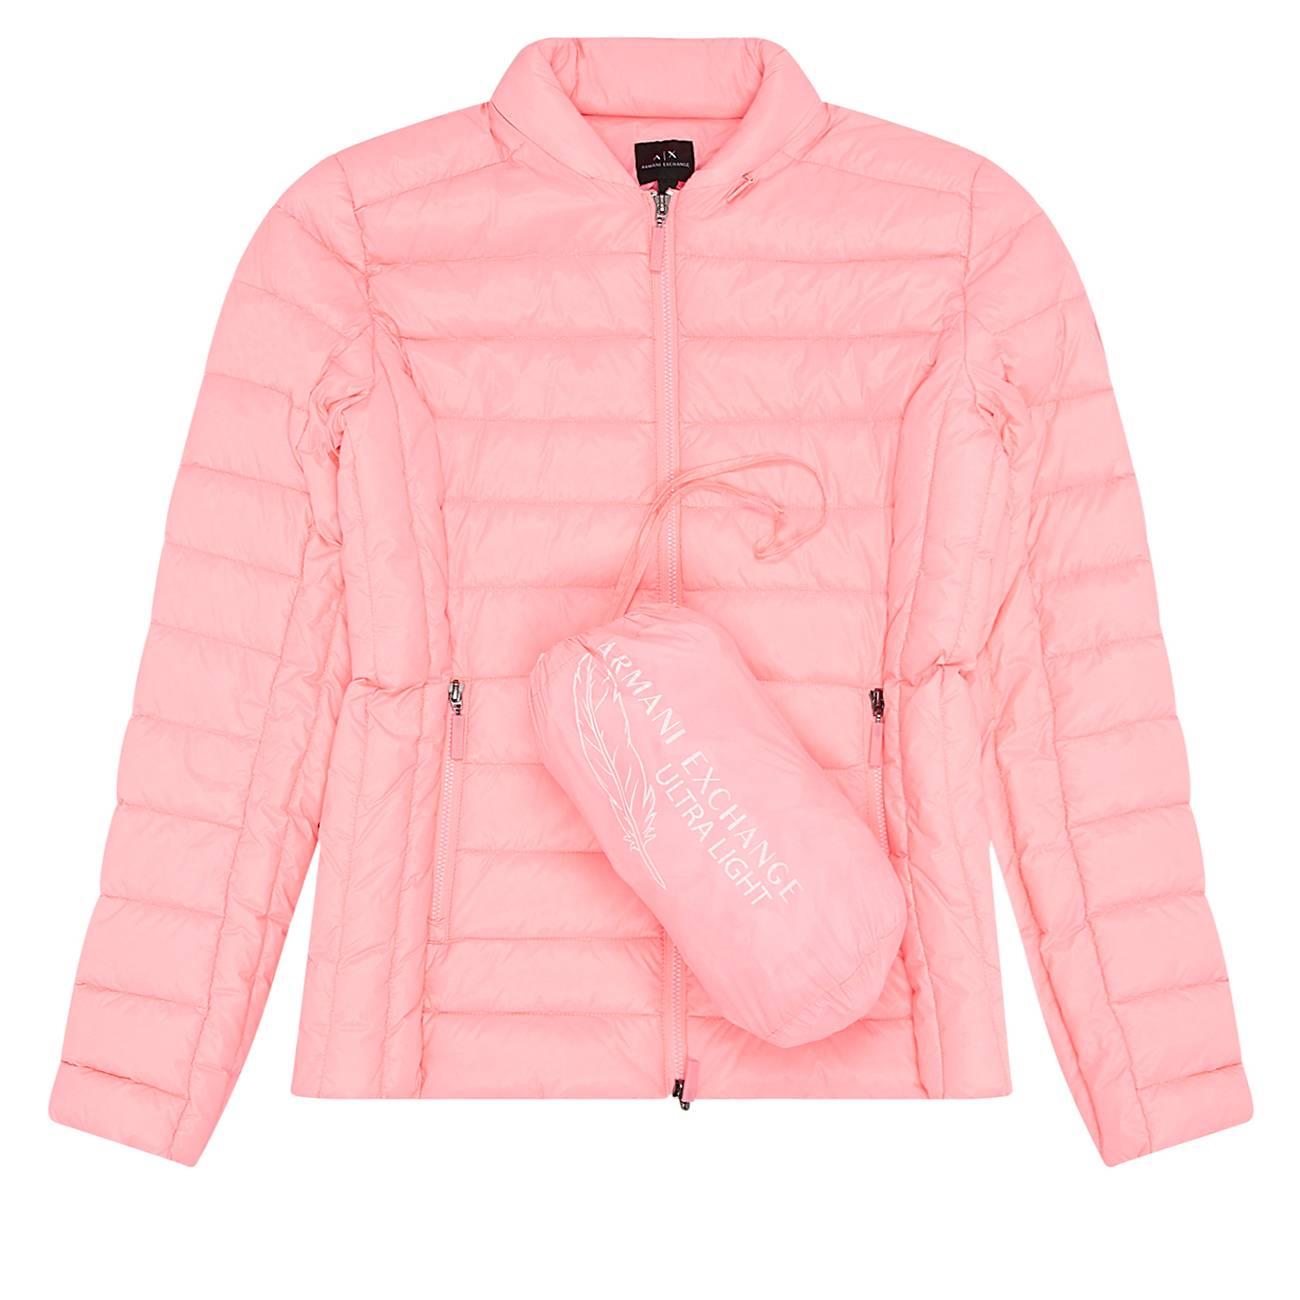 Lightweight Quilted Puffer Jacket Xl